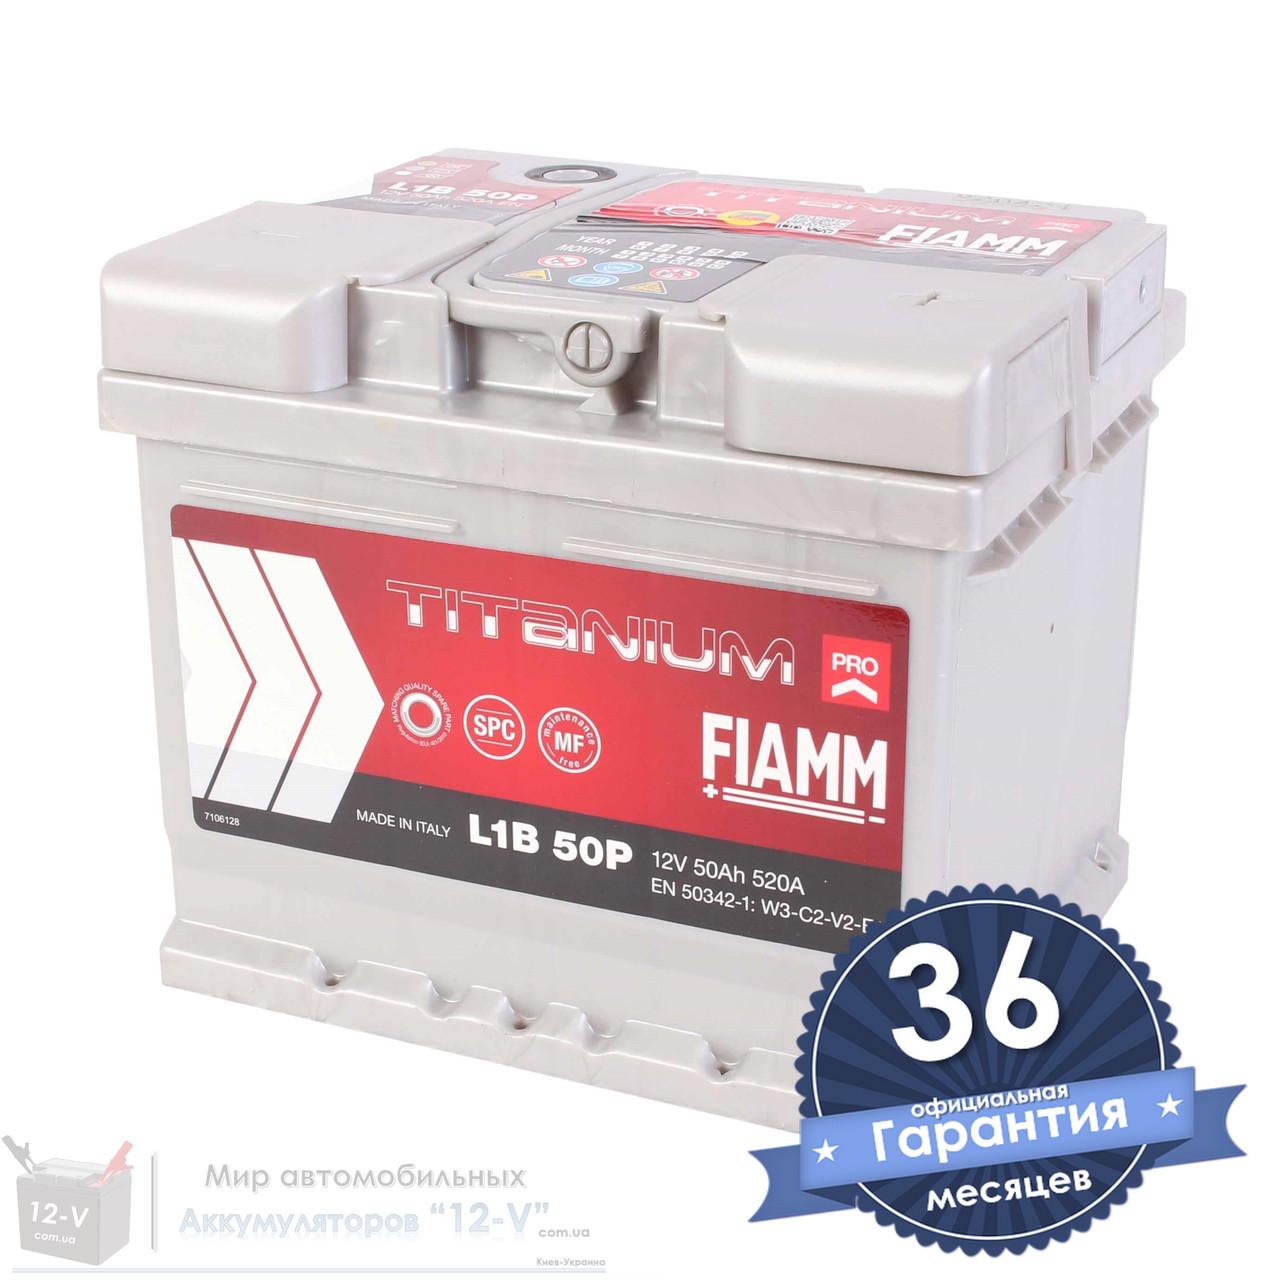 Аккумулятор автомобильный FIAMM Titanium Pro 6CT 50Ah, пусковой ток 520А (Низкий) [–|+] (L1B 50P)